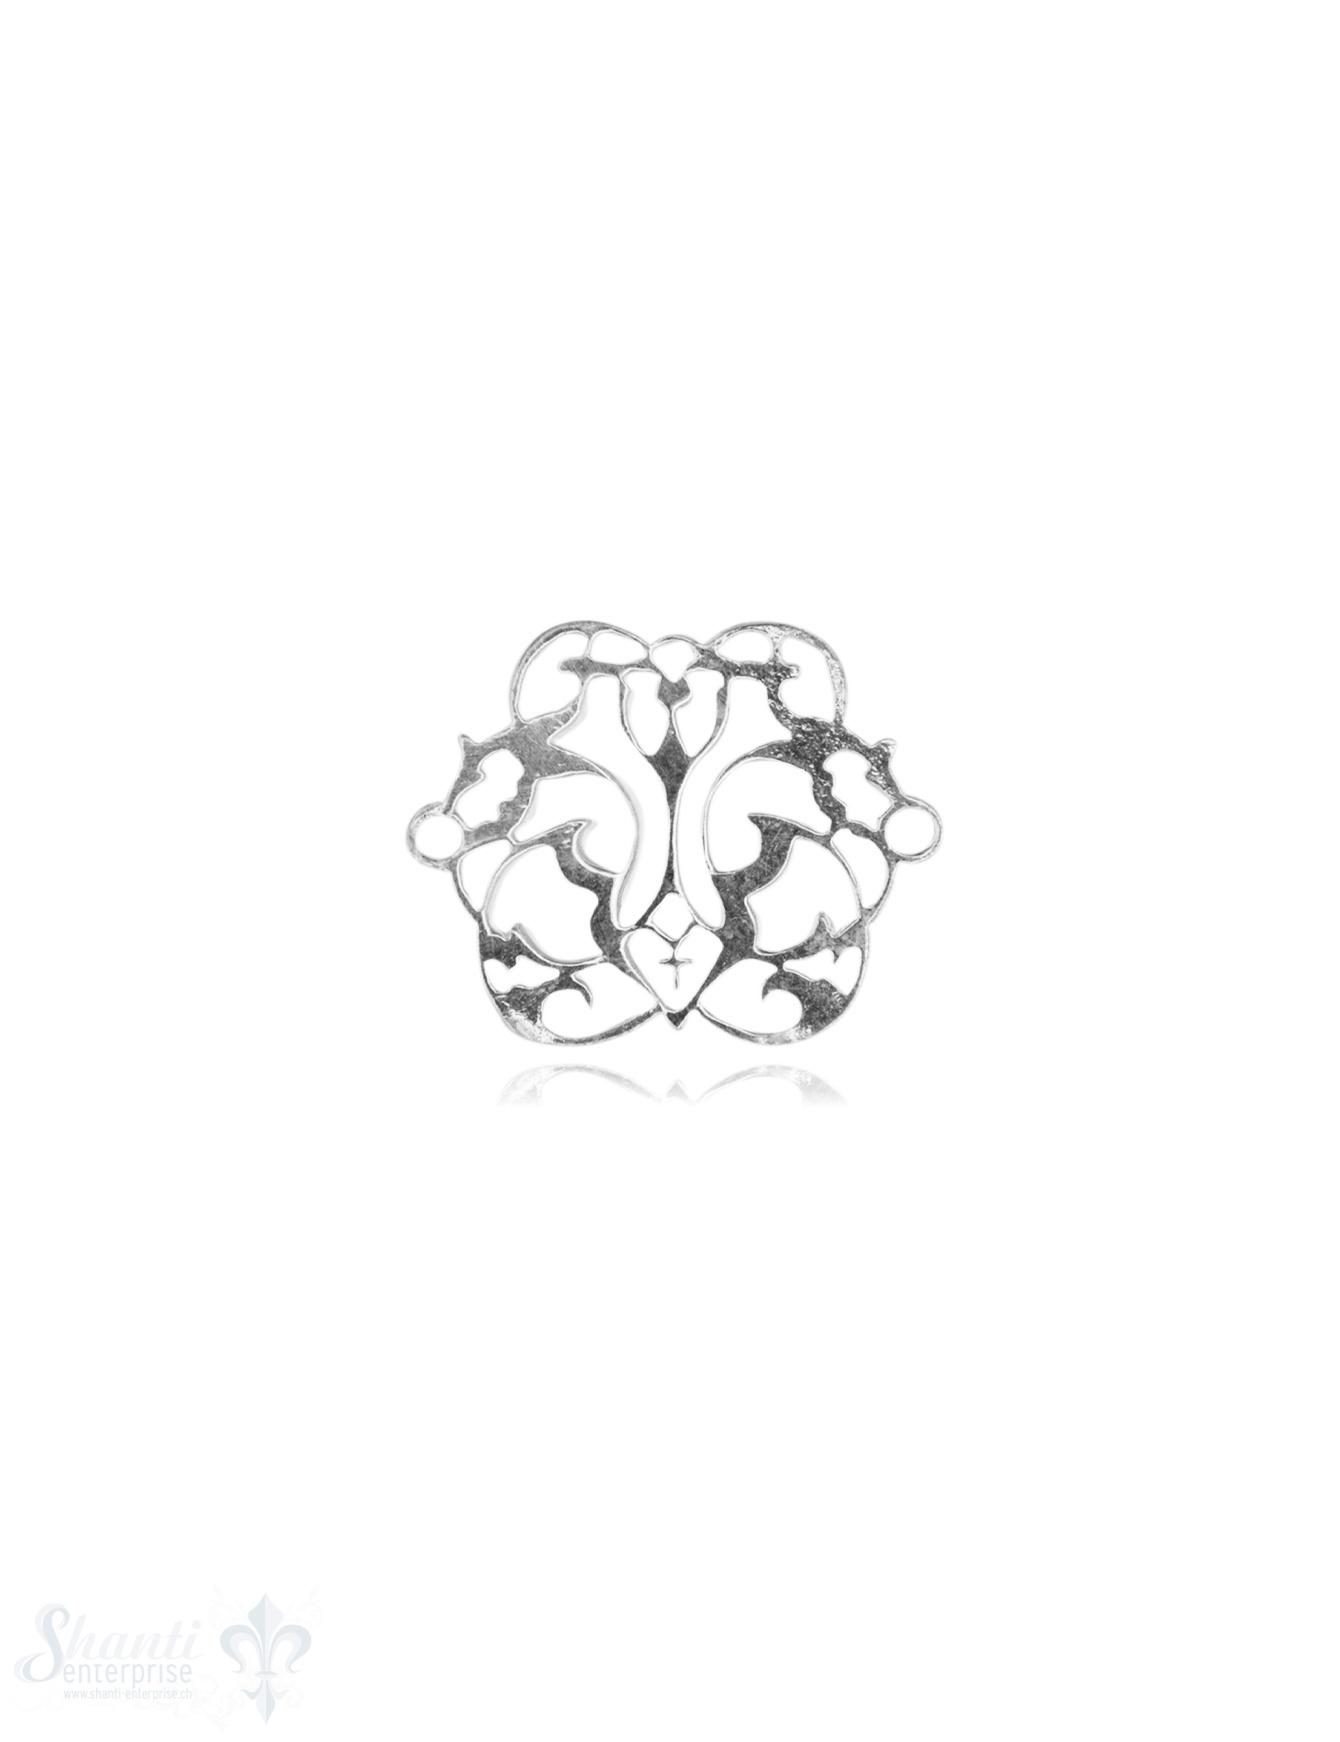 Silberteil mit Doppelösen filigran durchbrochen